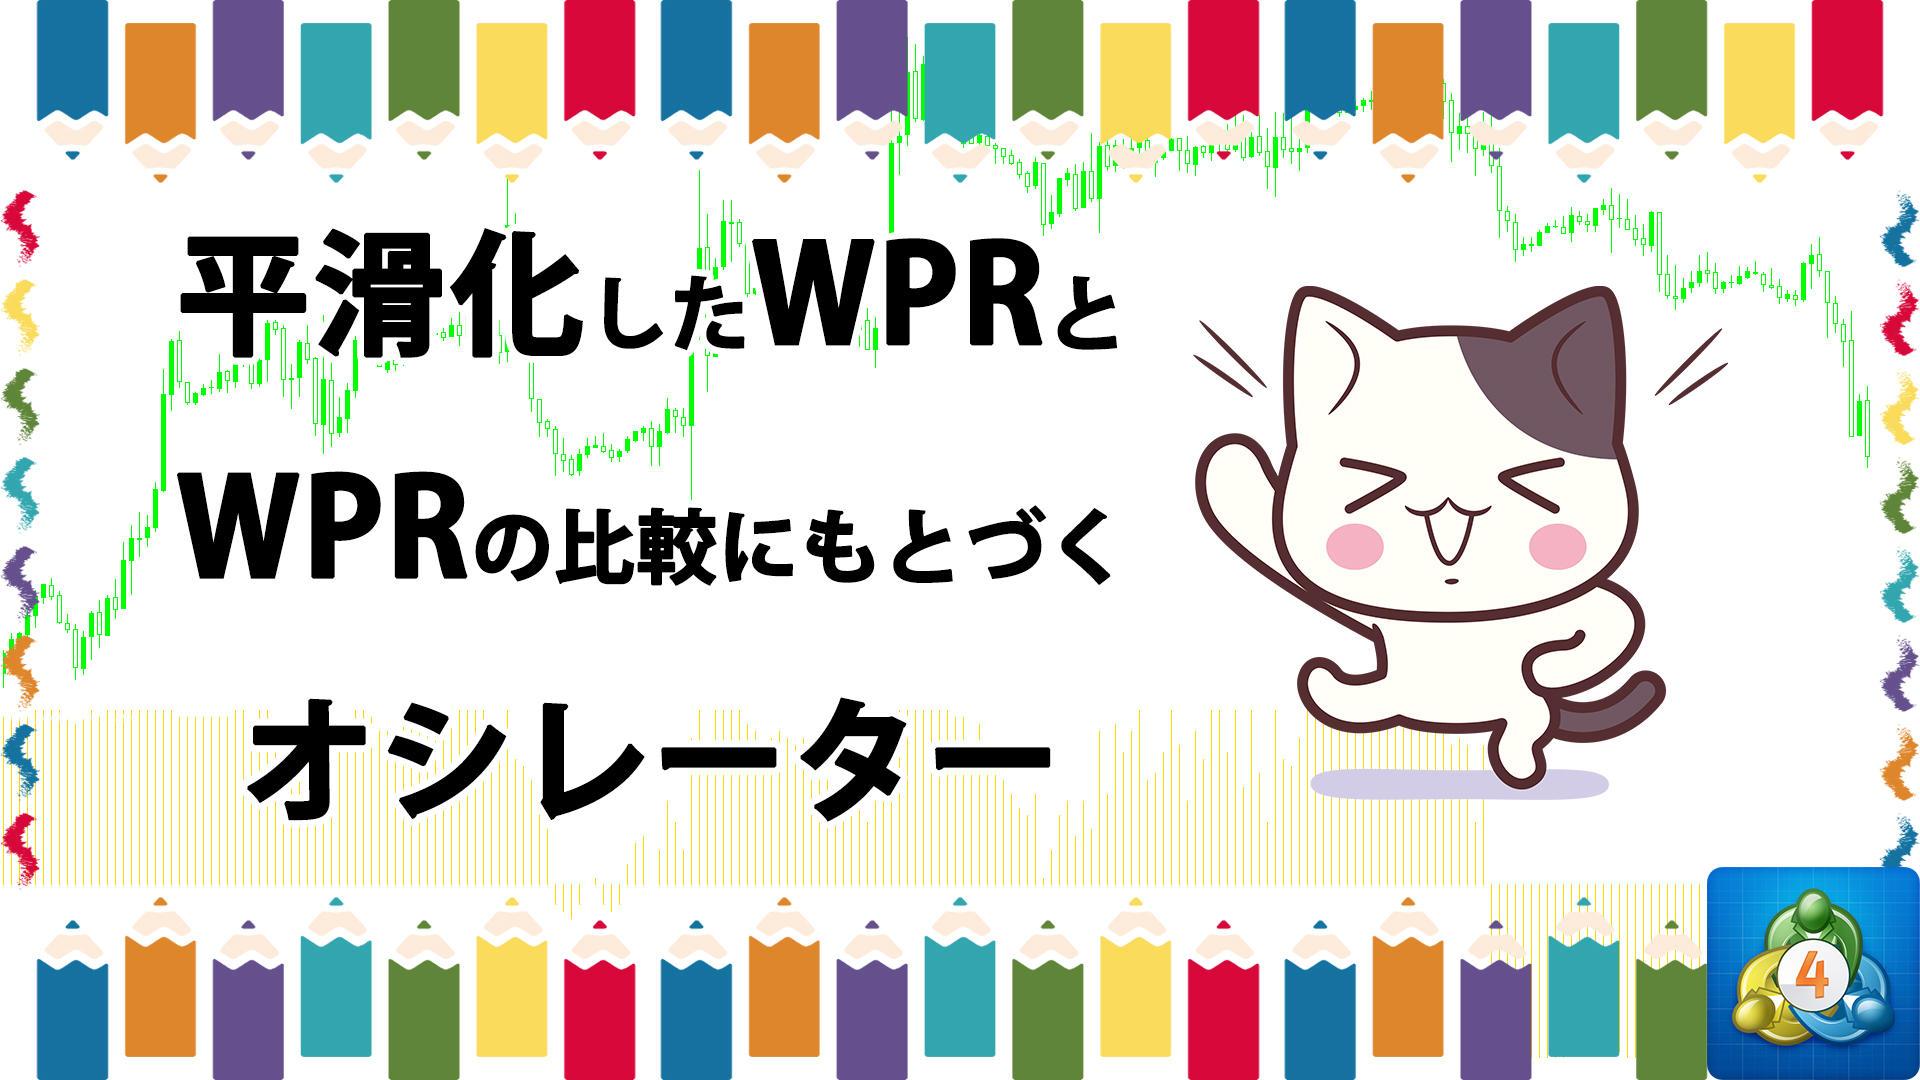 平滑化したWPRとWPRの比較をもとにしたオシレーターを表示するMT4インジケーター「VininI_Trend_WPR_MA」